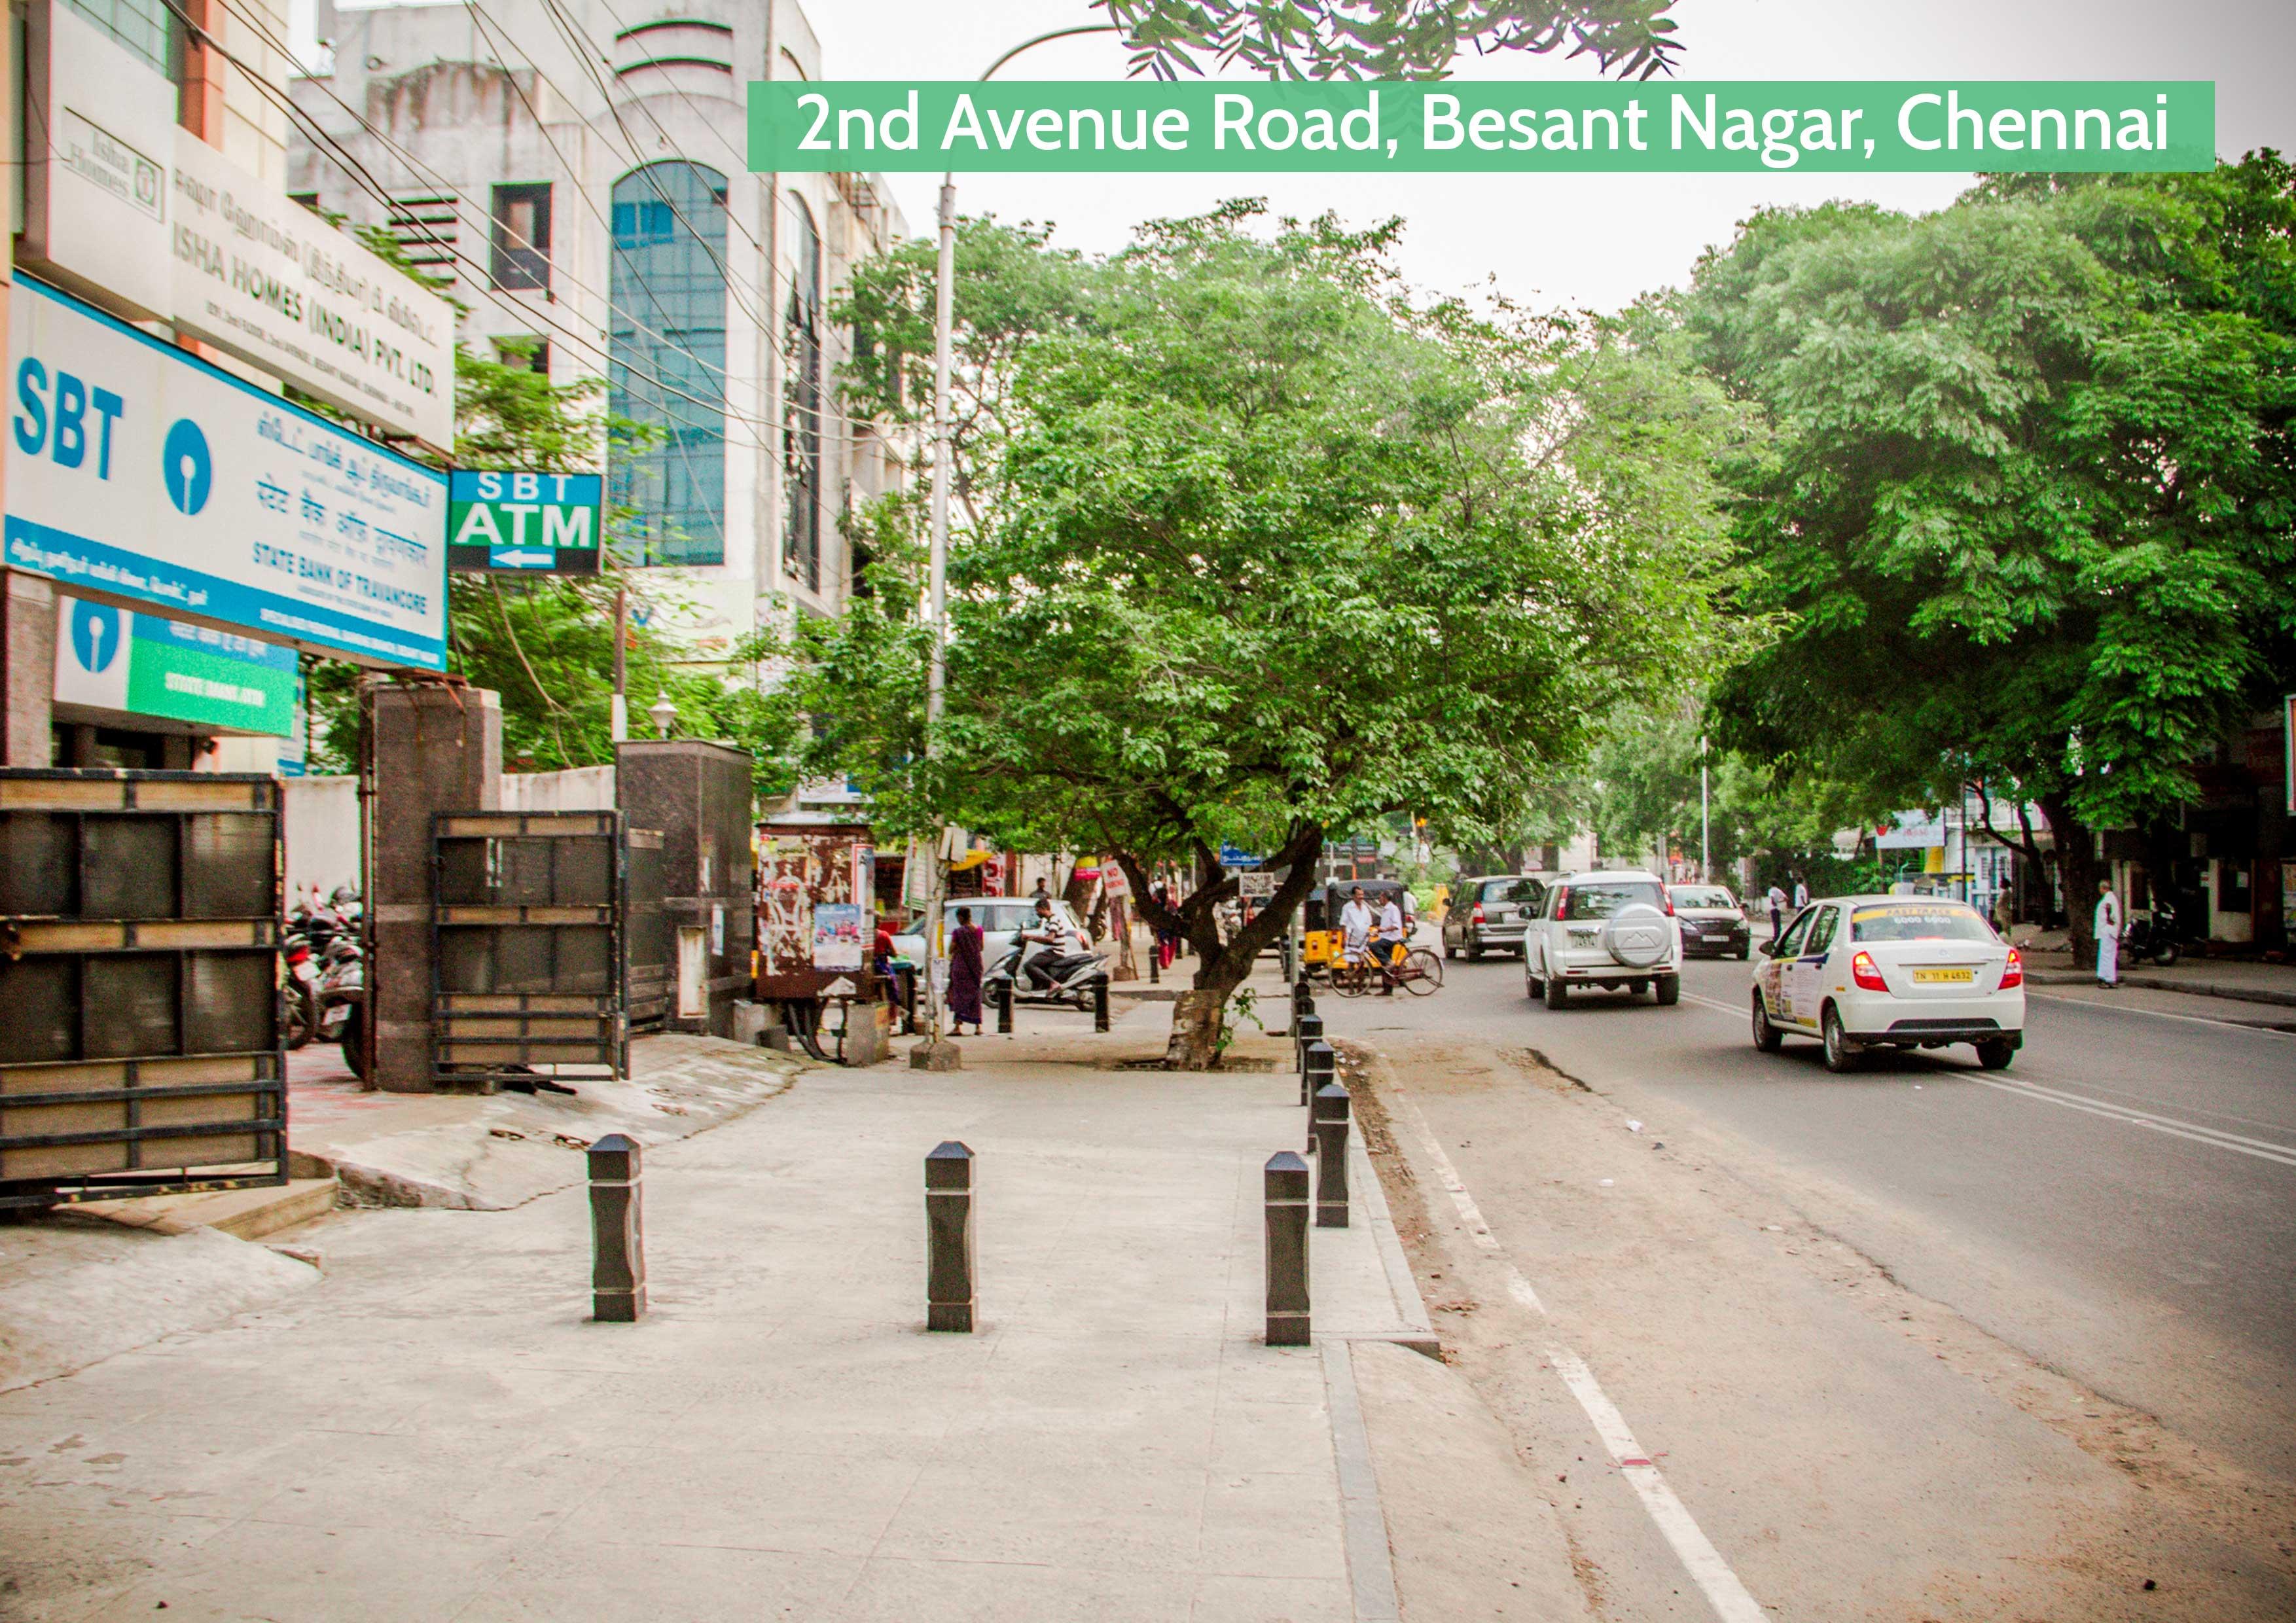 After-Besant Nagar, Chennai